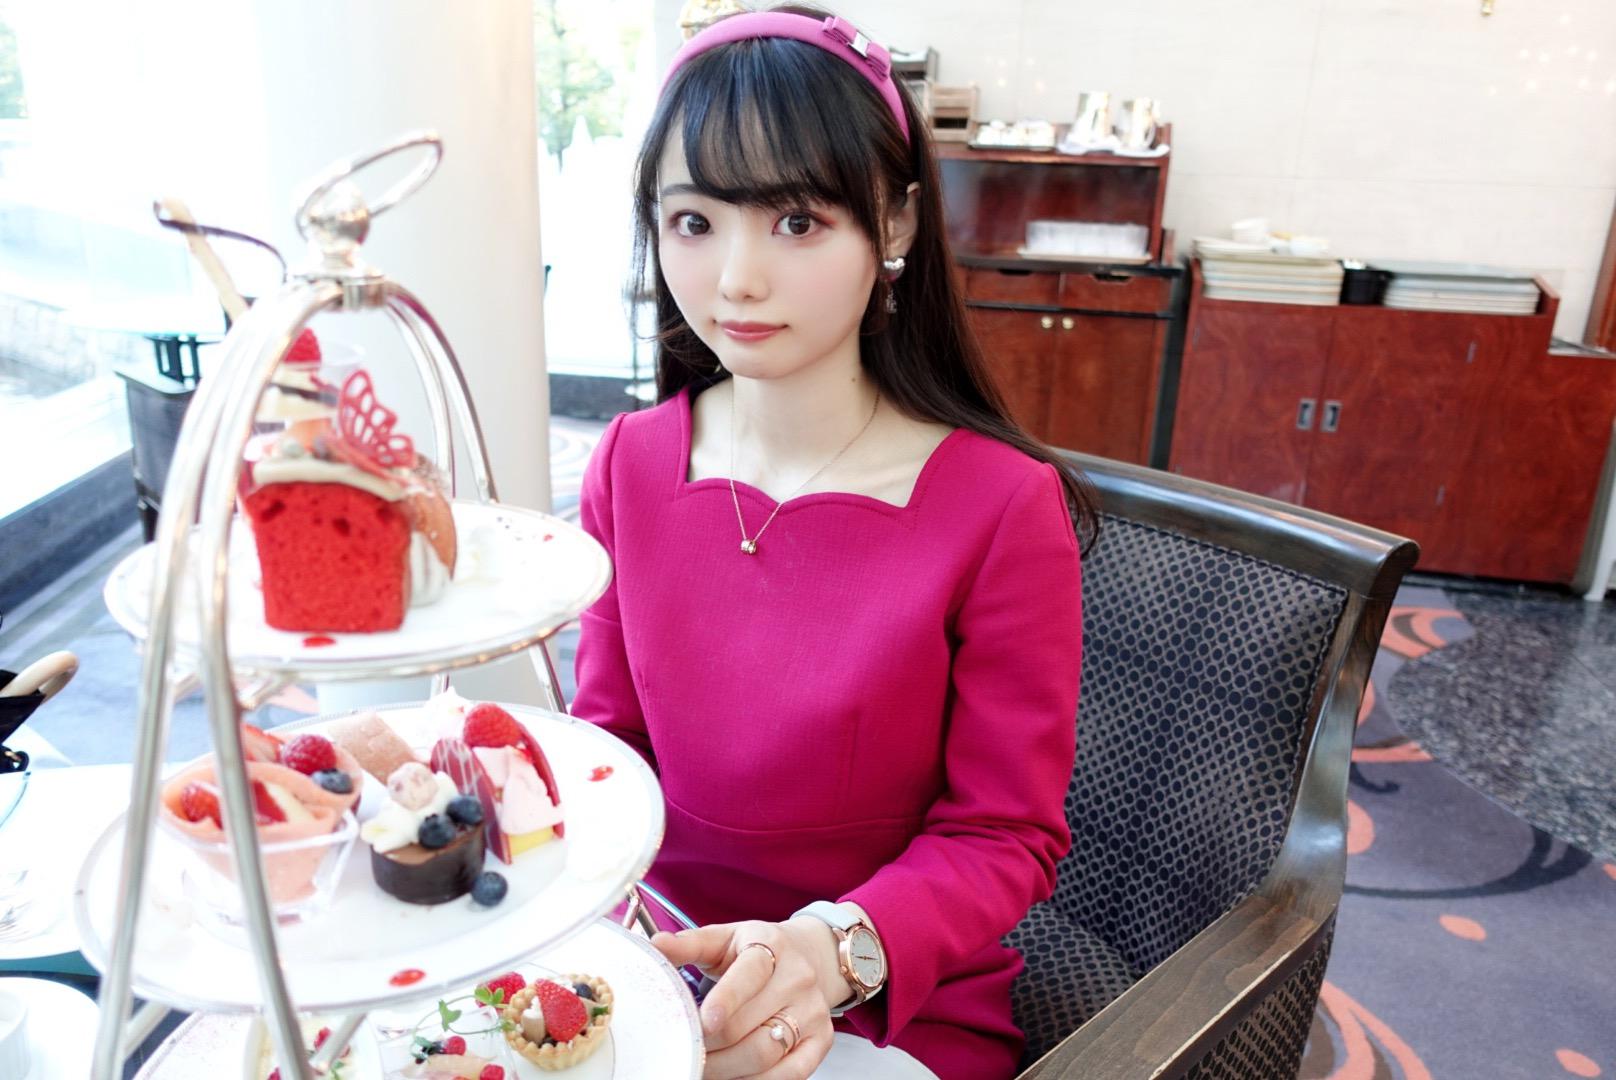 【大阪】ウェスティンホテル大阪の「Berry Berry アフタヌーンティー」でいちごを堪能!お庭に鯉も泳いでいて癒やされた_6